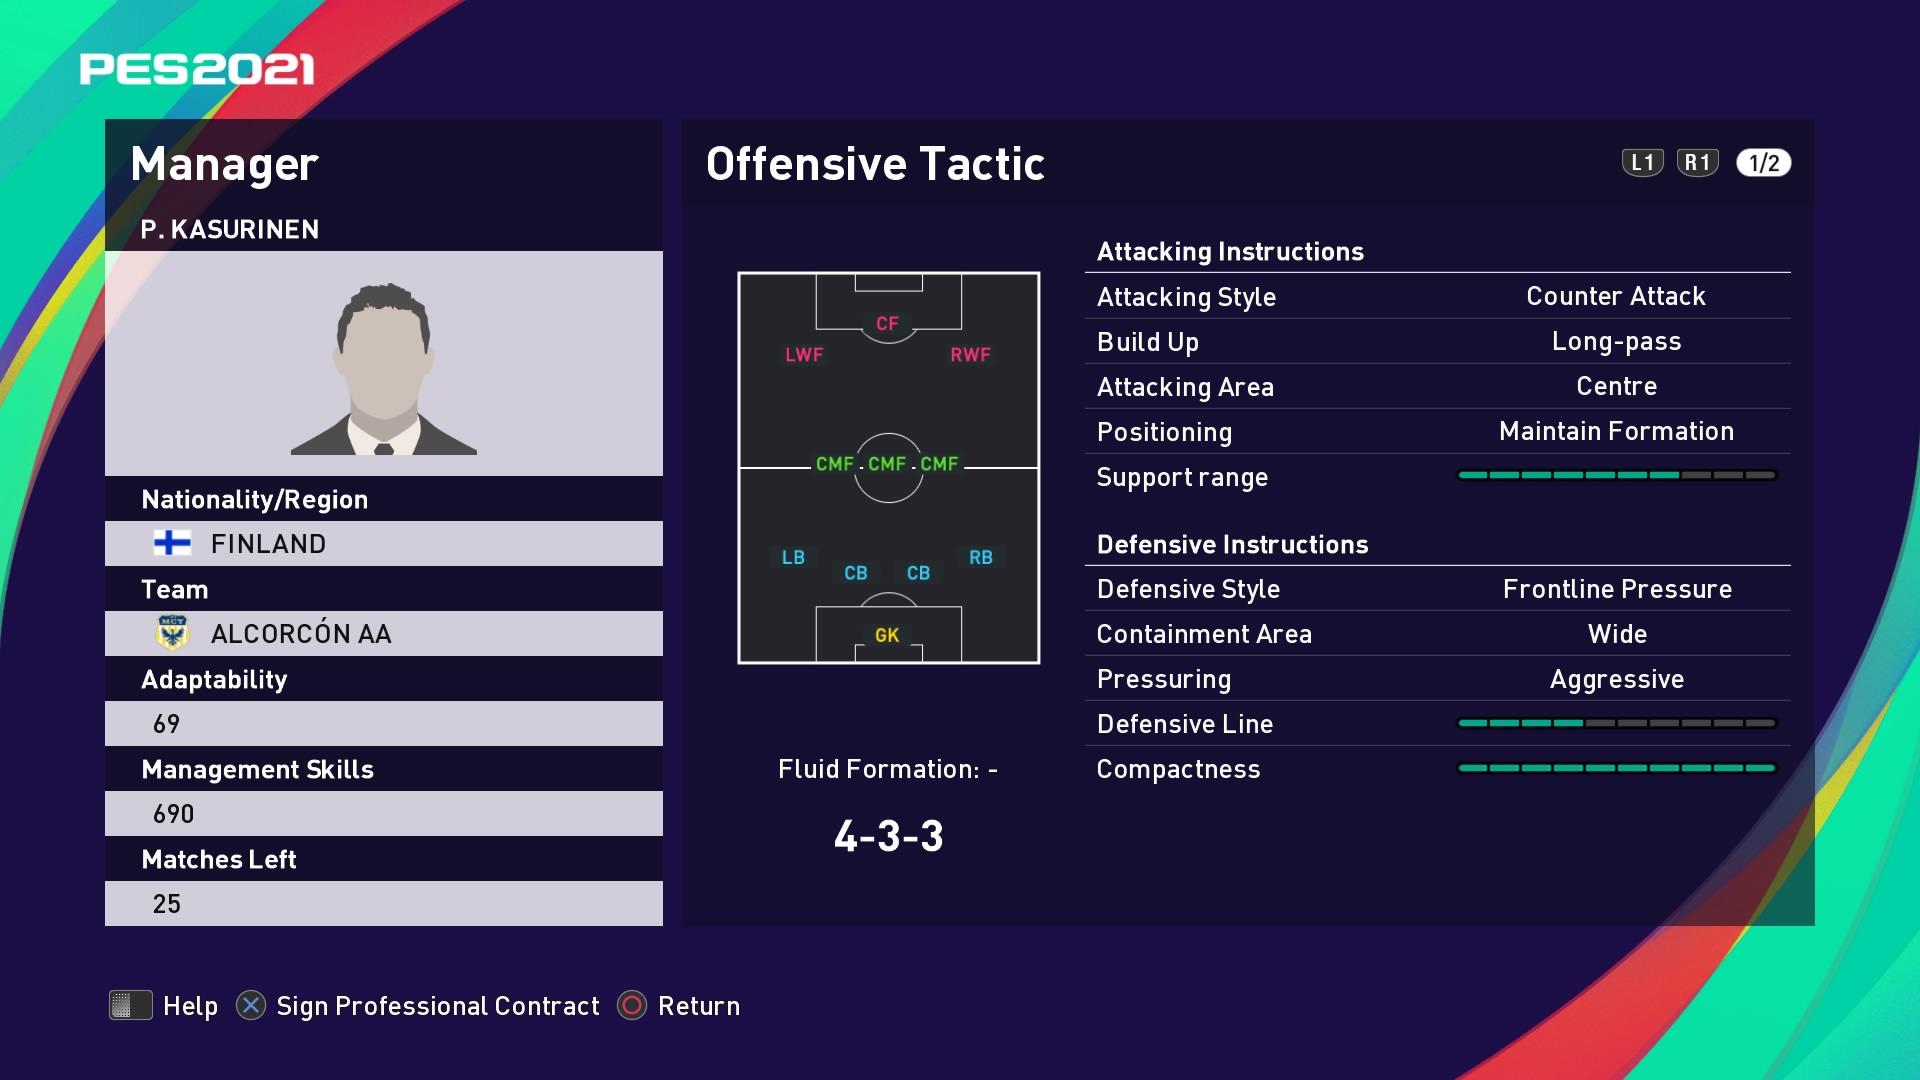 P. Kasuriren Offensive Tactic in PES 2021 myClub